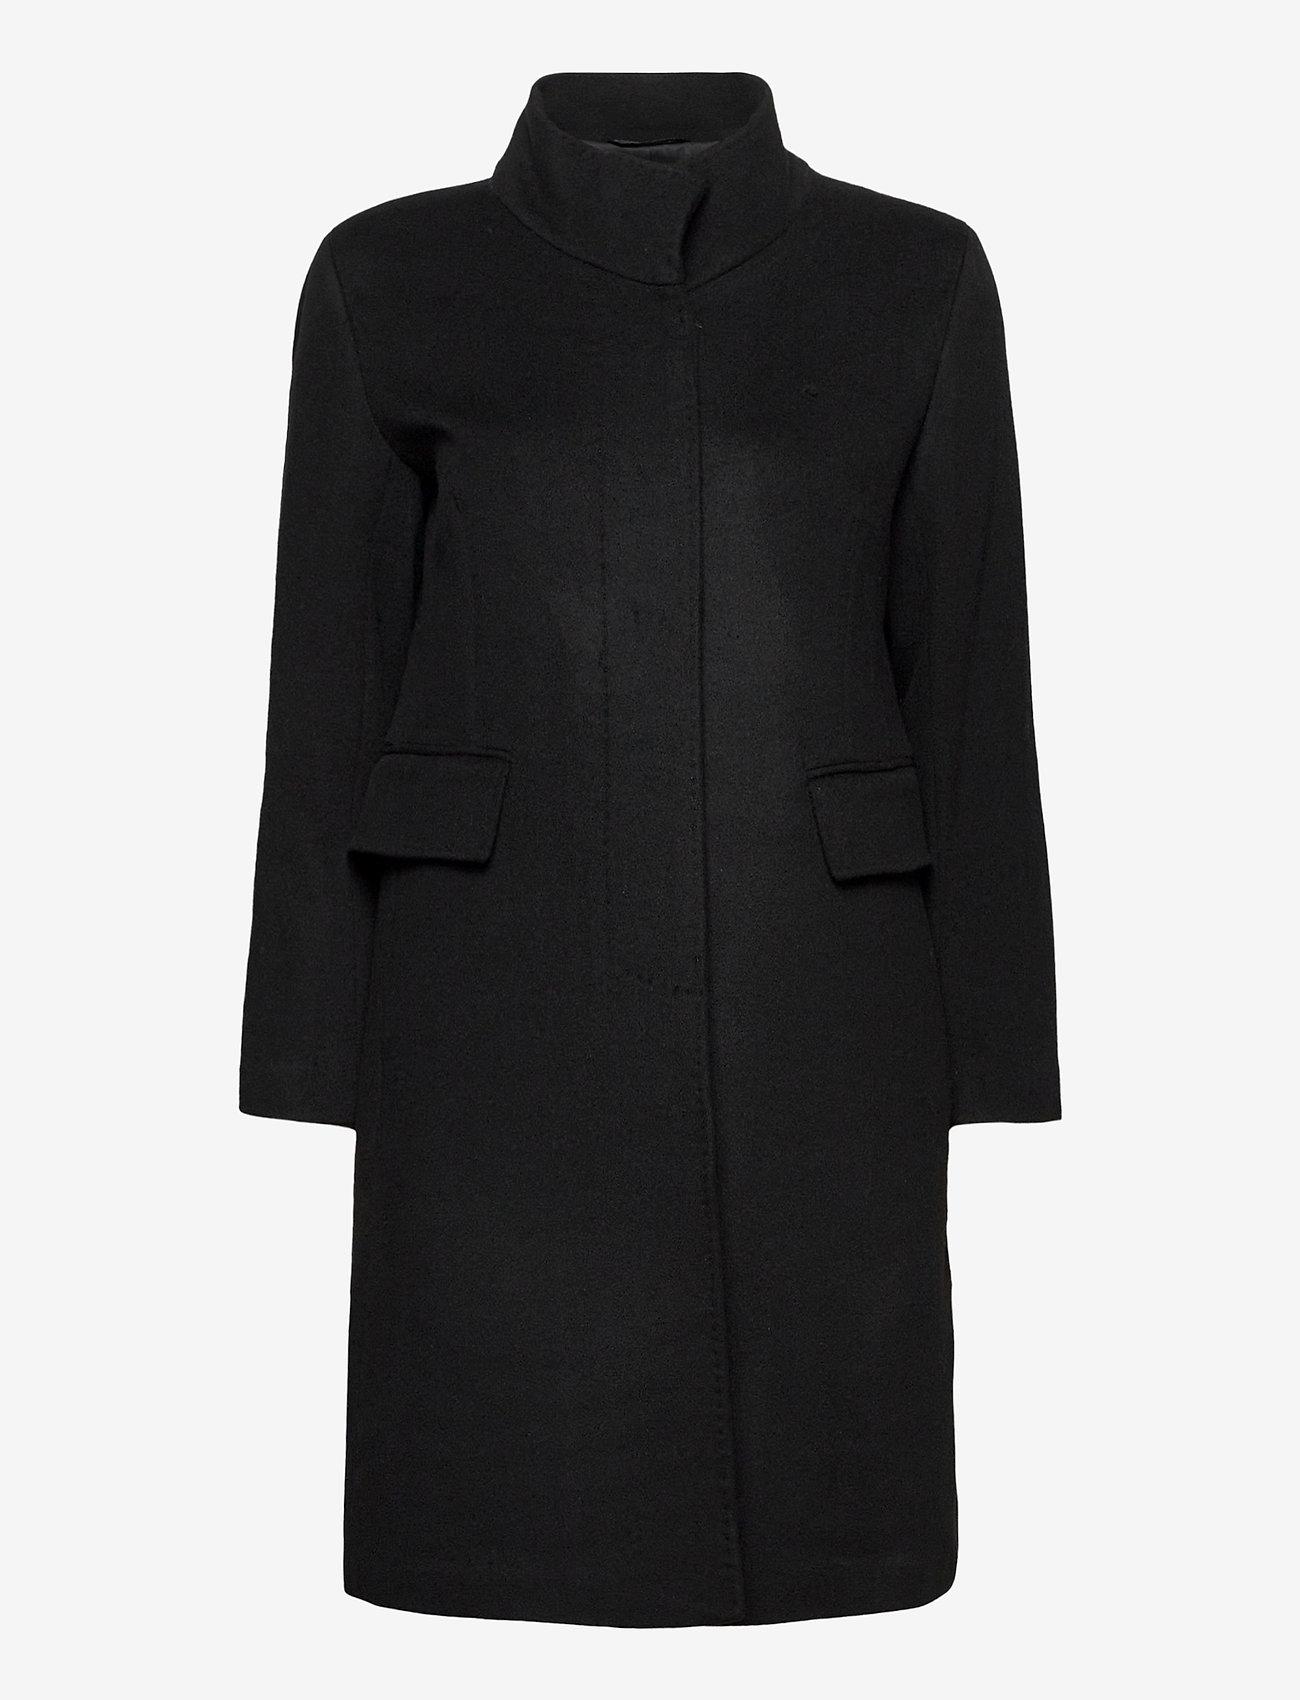 SAND - Cashmere Coat W - Parker 3 - ullkappor - black - 1